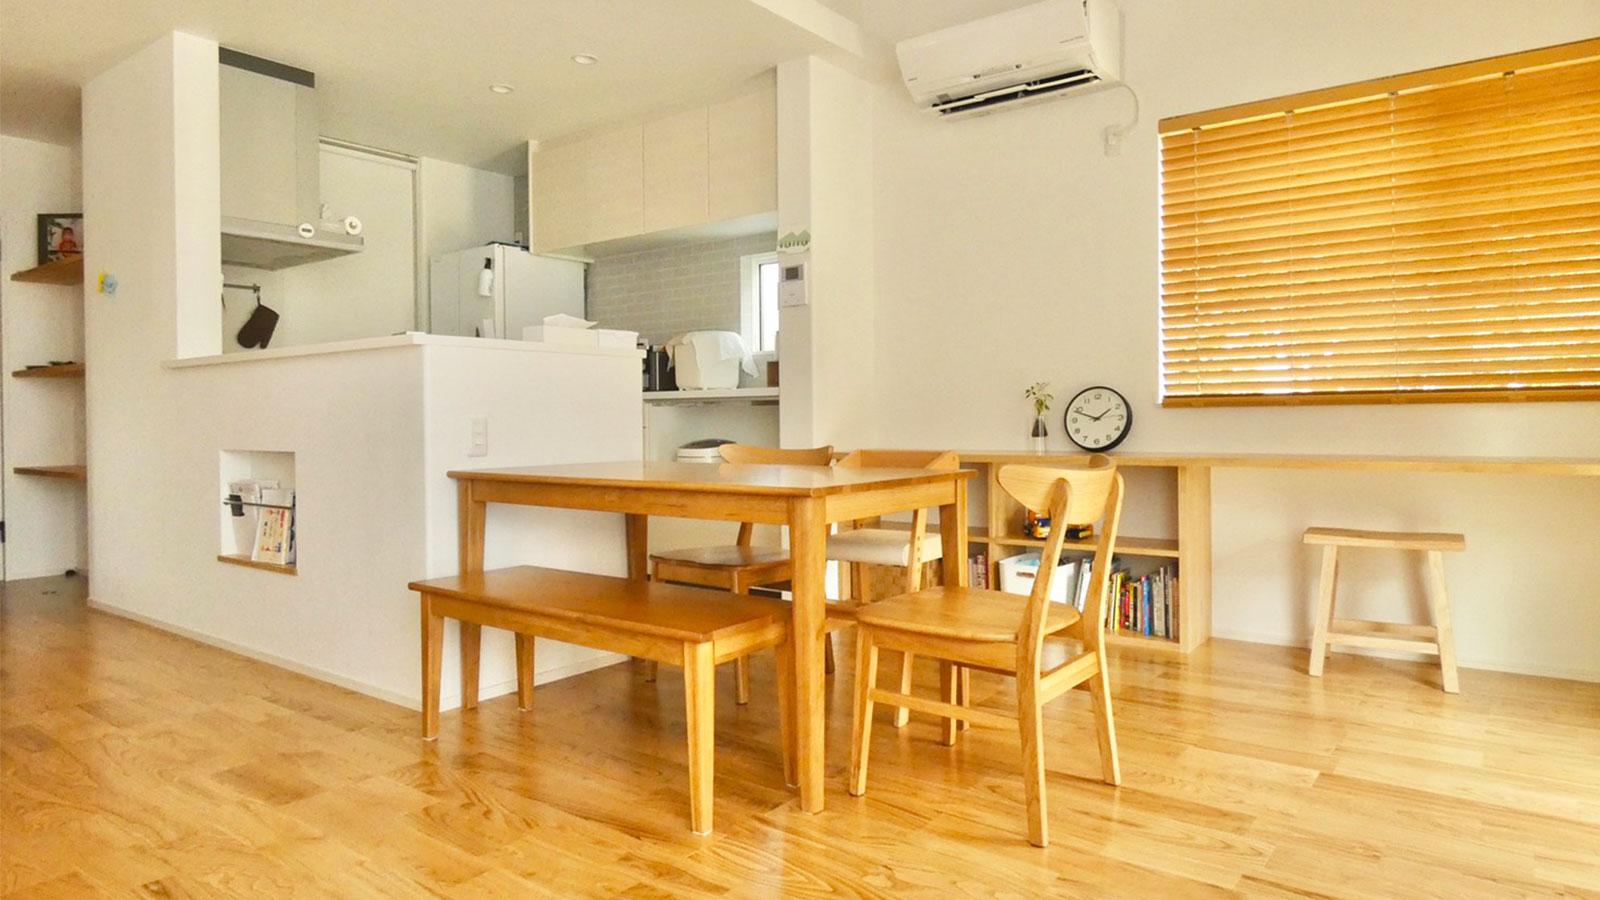 「ONE'S HOME」さんが手掛ける浜松市浜北区小松のY様宅の北欧ベースのナチュラルテイストなお家の内装とマイサカ家具のダイニングセット